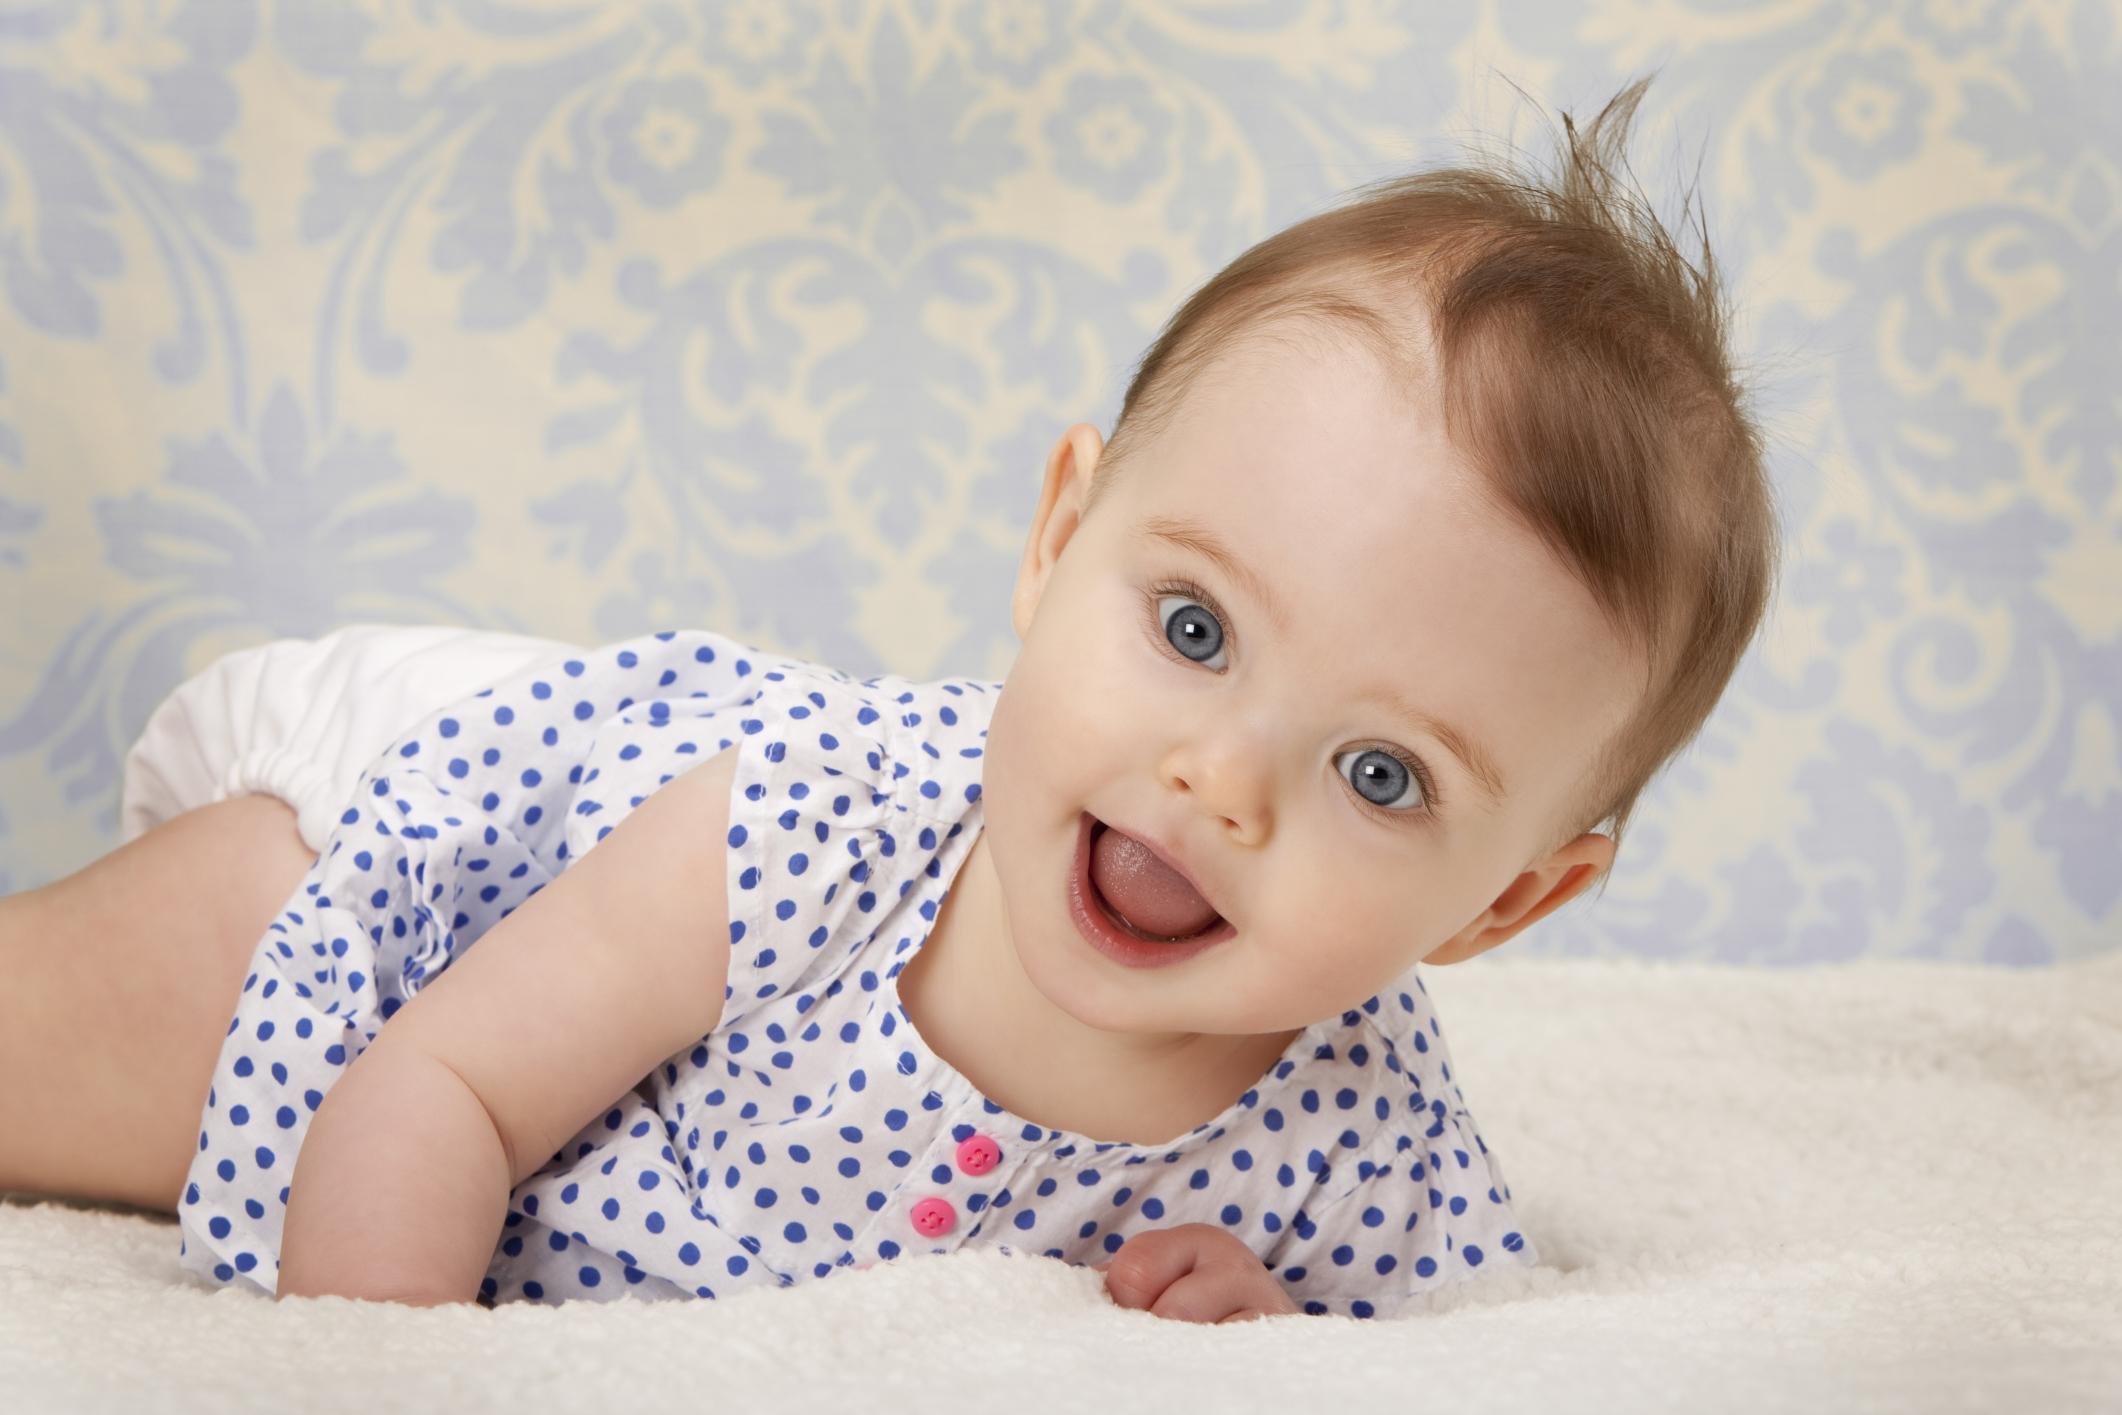 بالصور صورة طفلة جميلة , اجمل طفله كيوت 1826 3